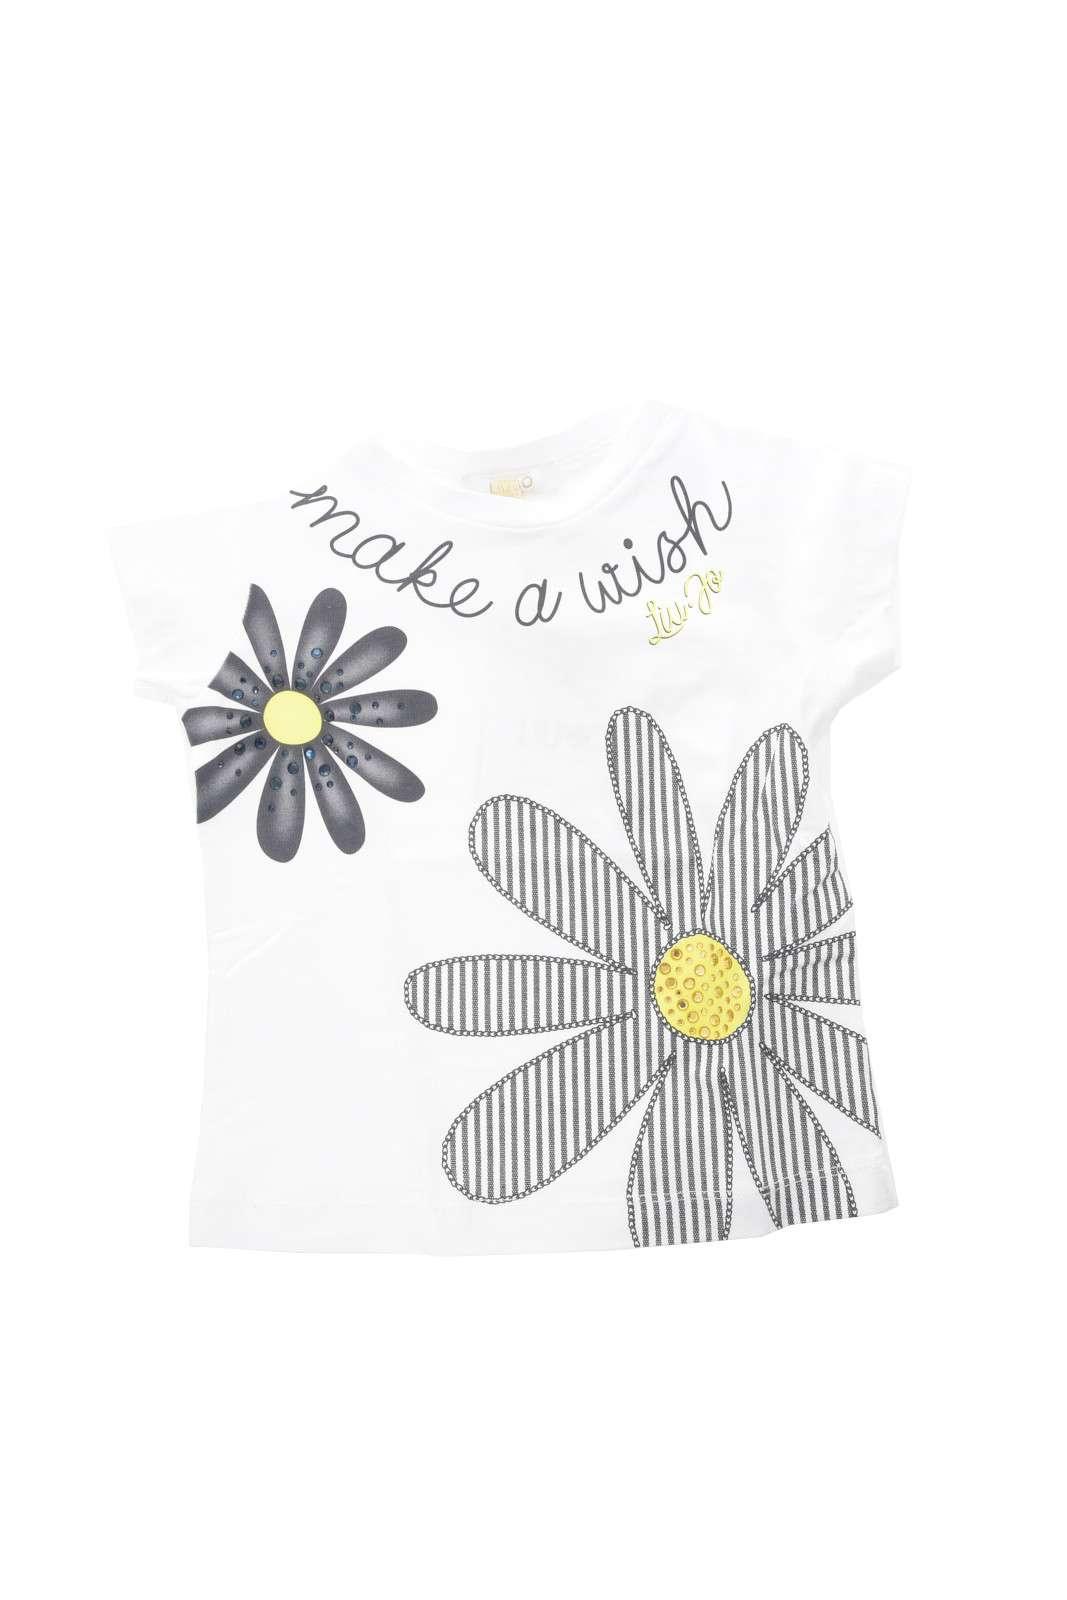 Semplicità e stile, per questa t shirt proposta da Liu Jo per i più piccoli. Ideale per occasioni informali, casual e pratiche, come dalla scuola, alla routine.